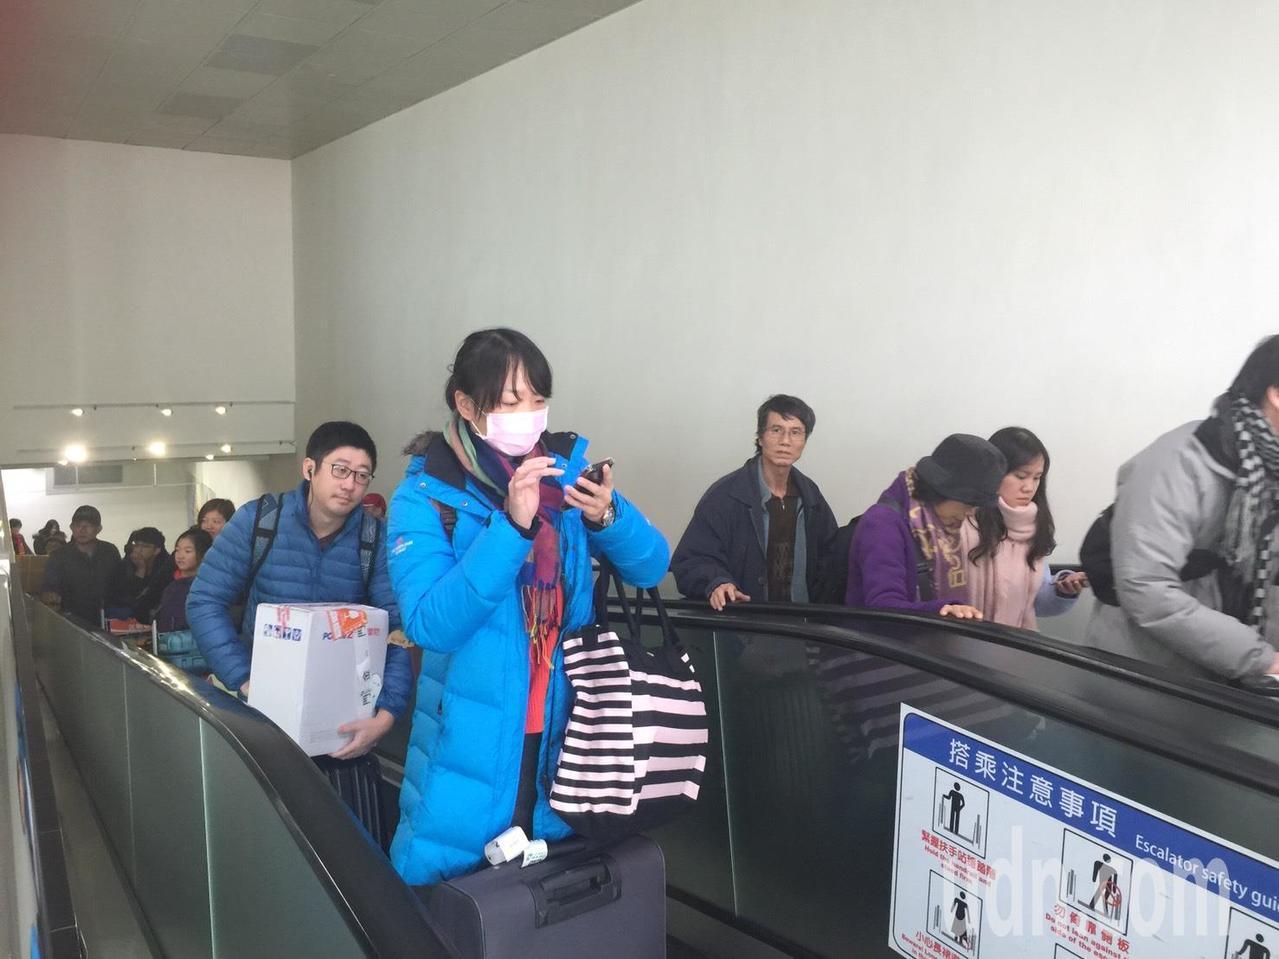 金門尚義機場一早就湧現返鄉人潮,所幸天氣好,輸運一切正常。記者蔡家蓁/攝影